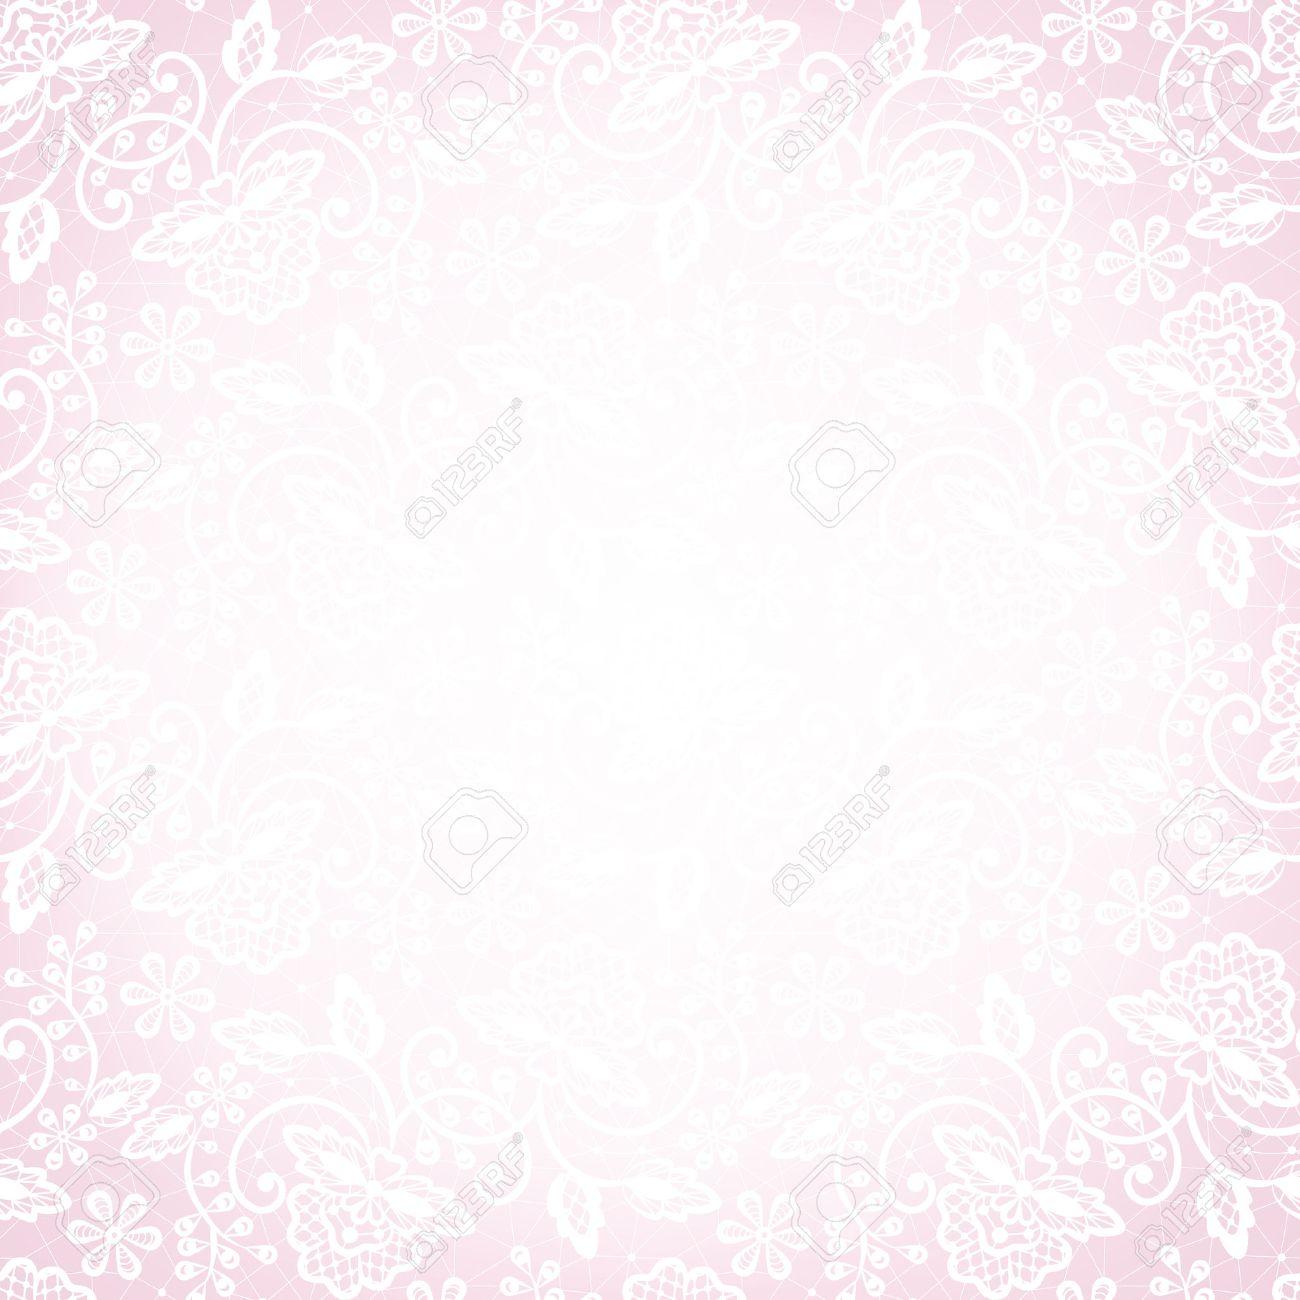 Standard Bild   Vorlage Für Hochzeit, Einladung Oder Grußkarte Mit Weißer  Spitze Auf Rosa Hintergrund